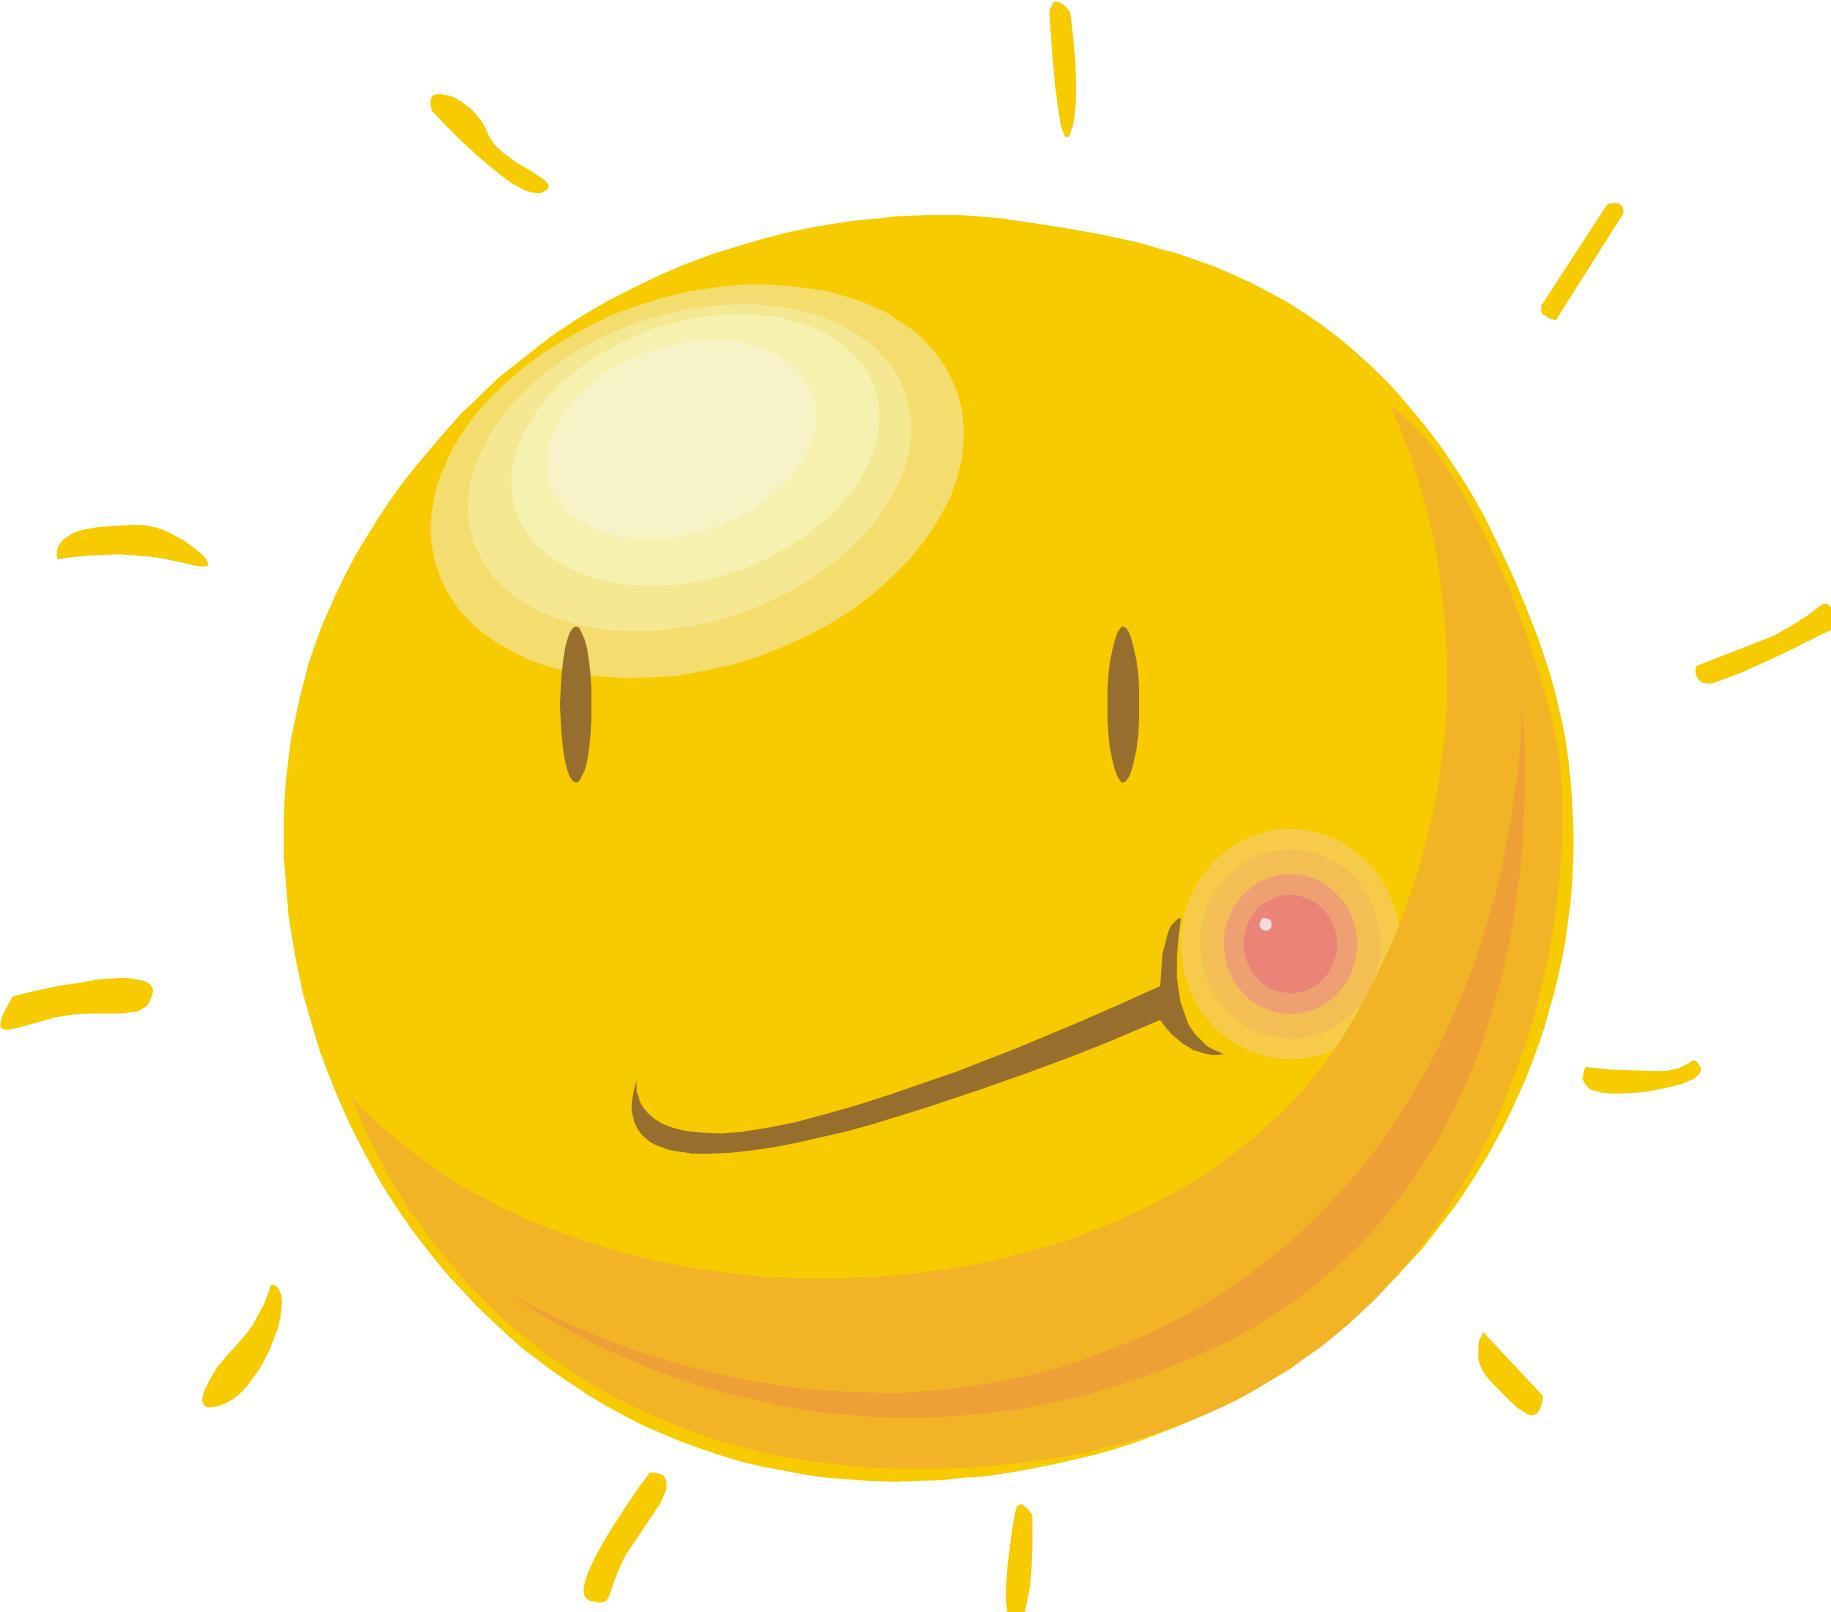 財帛宮太陽巨門 - 財帛宮太陽巨門  - 快熱資訊 - 走進時代